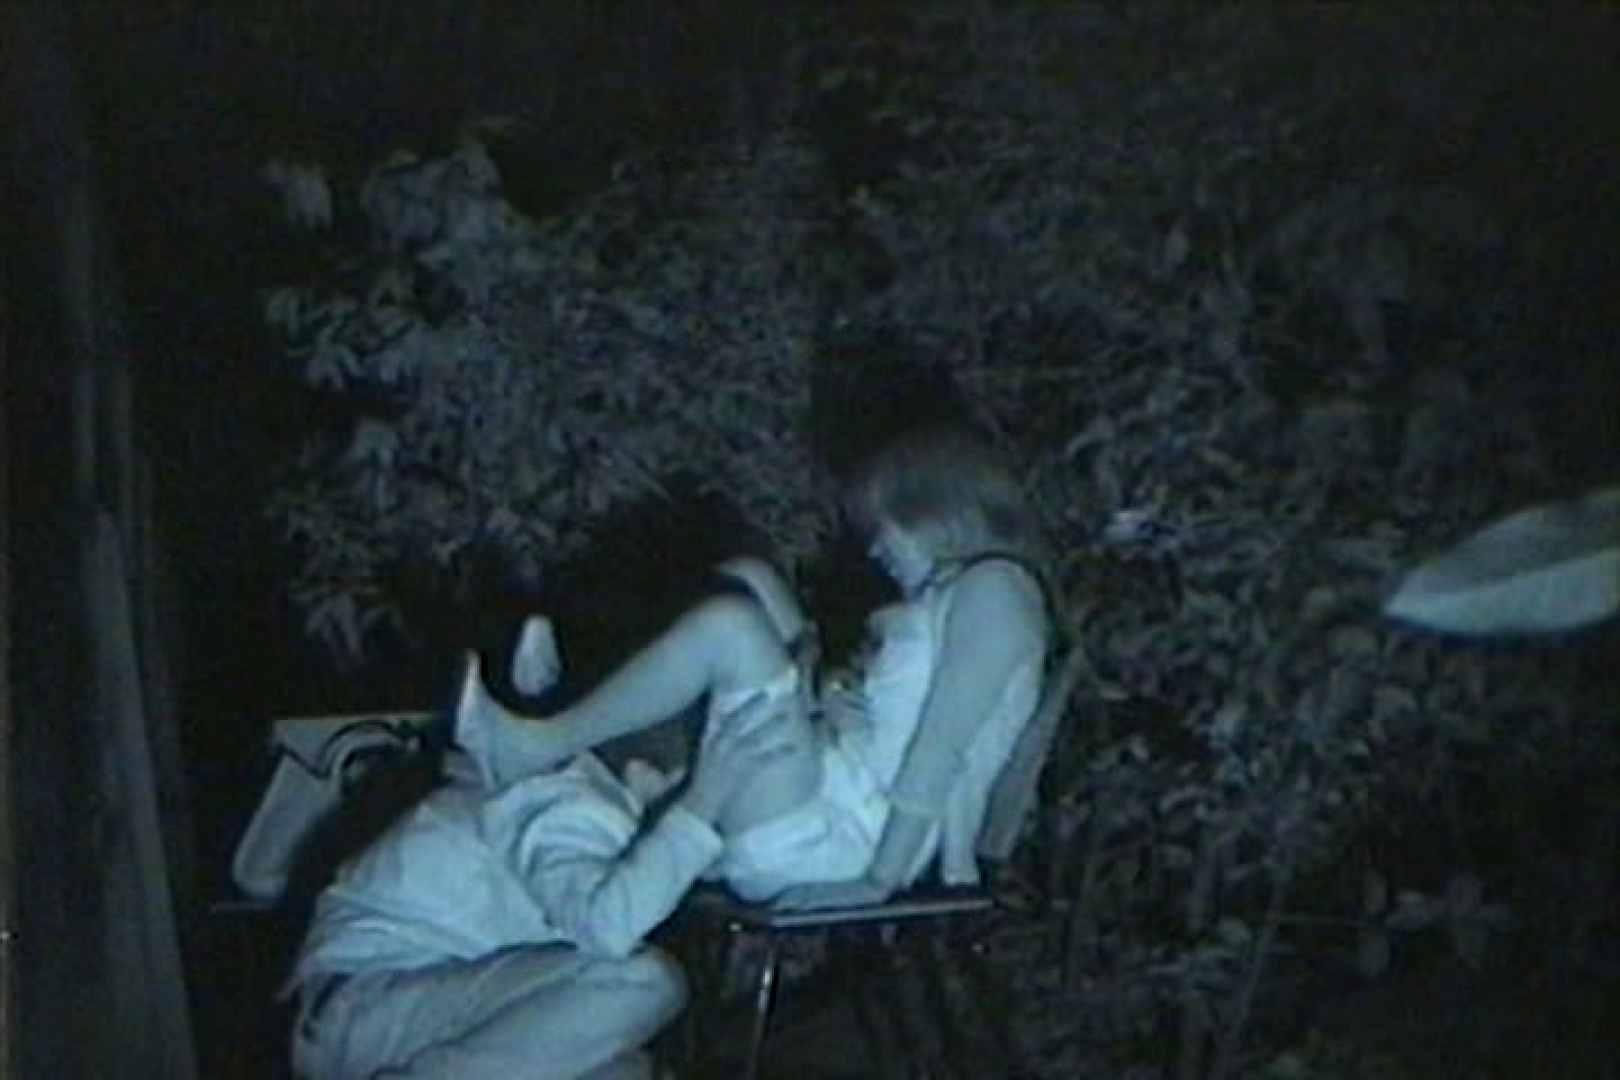 闇の仕掛け人 無修正版 Vol.24 ホテル隠し撮り 隠し撮りオマンコ動画紹介 101pic 8